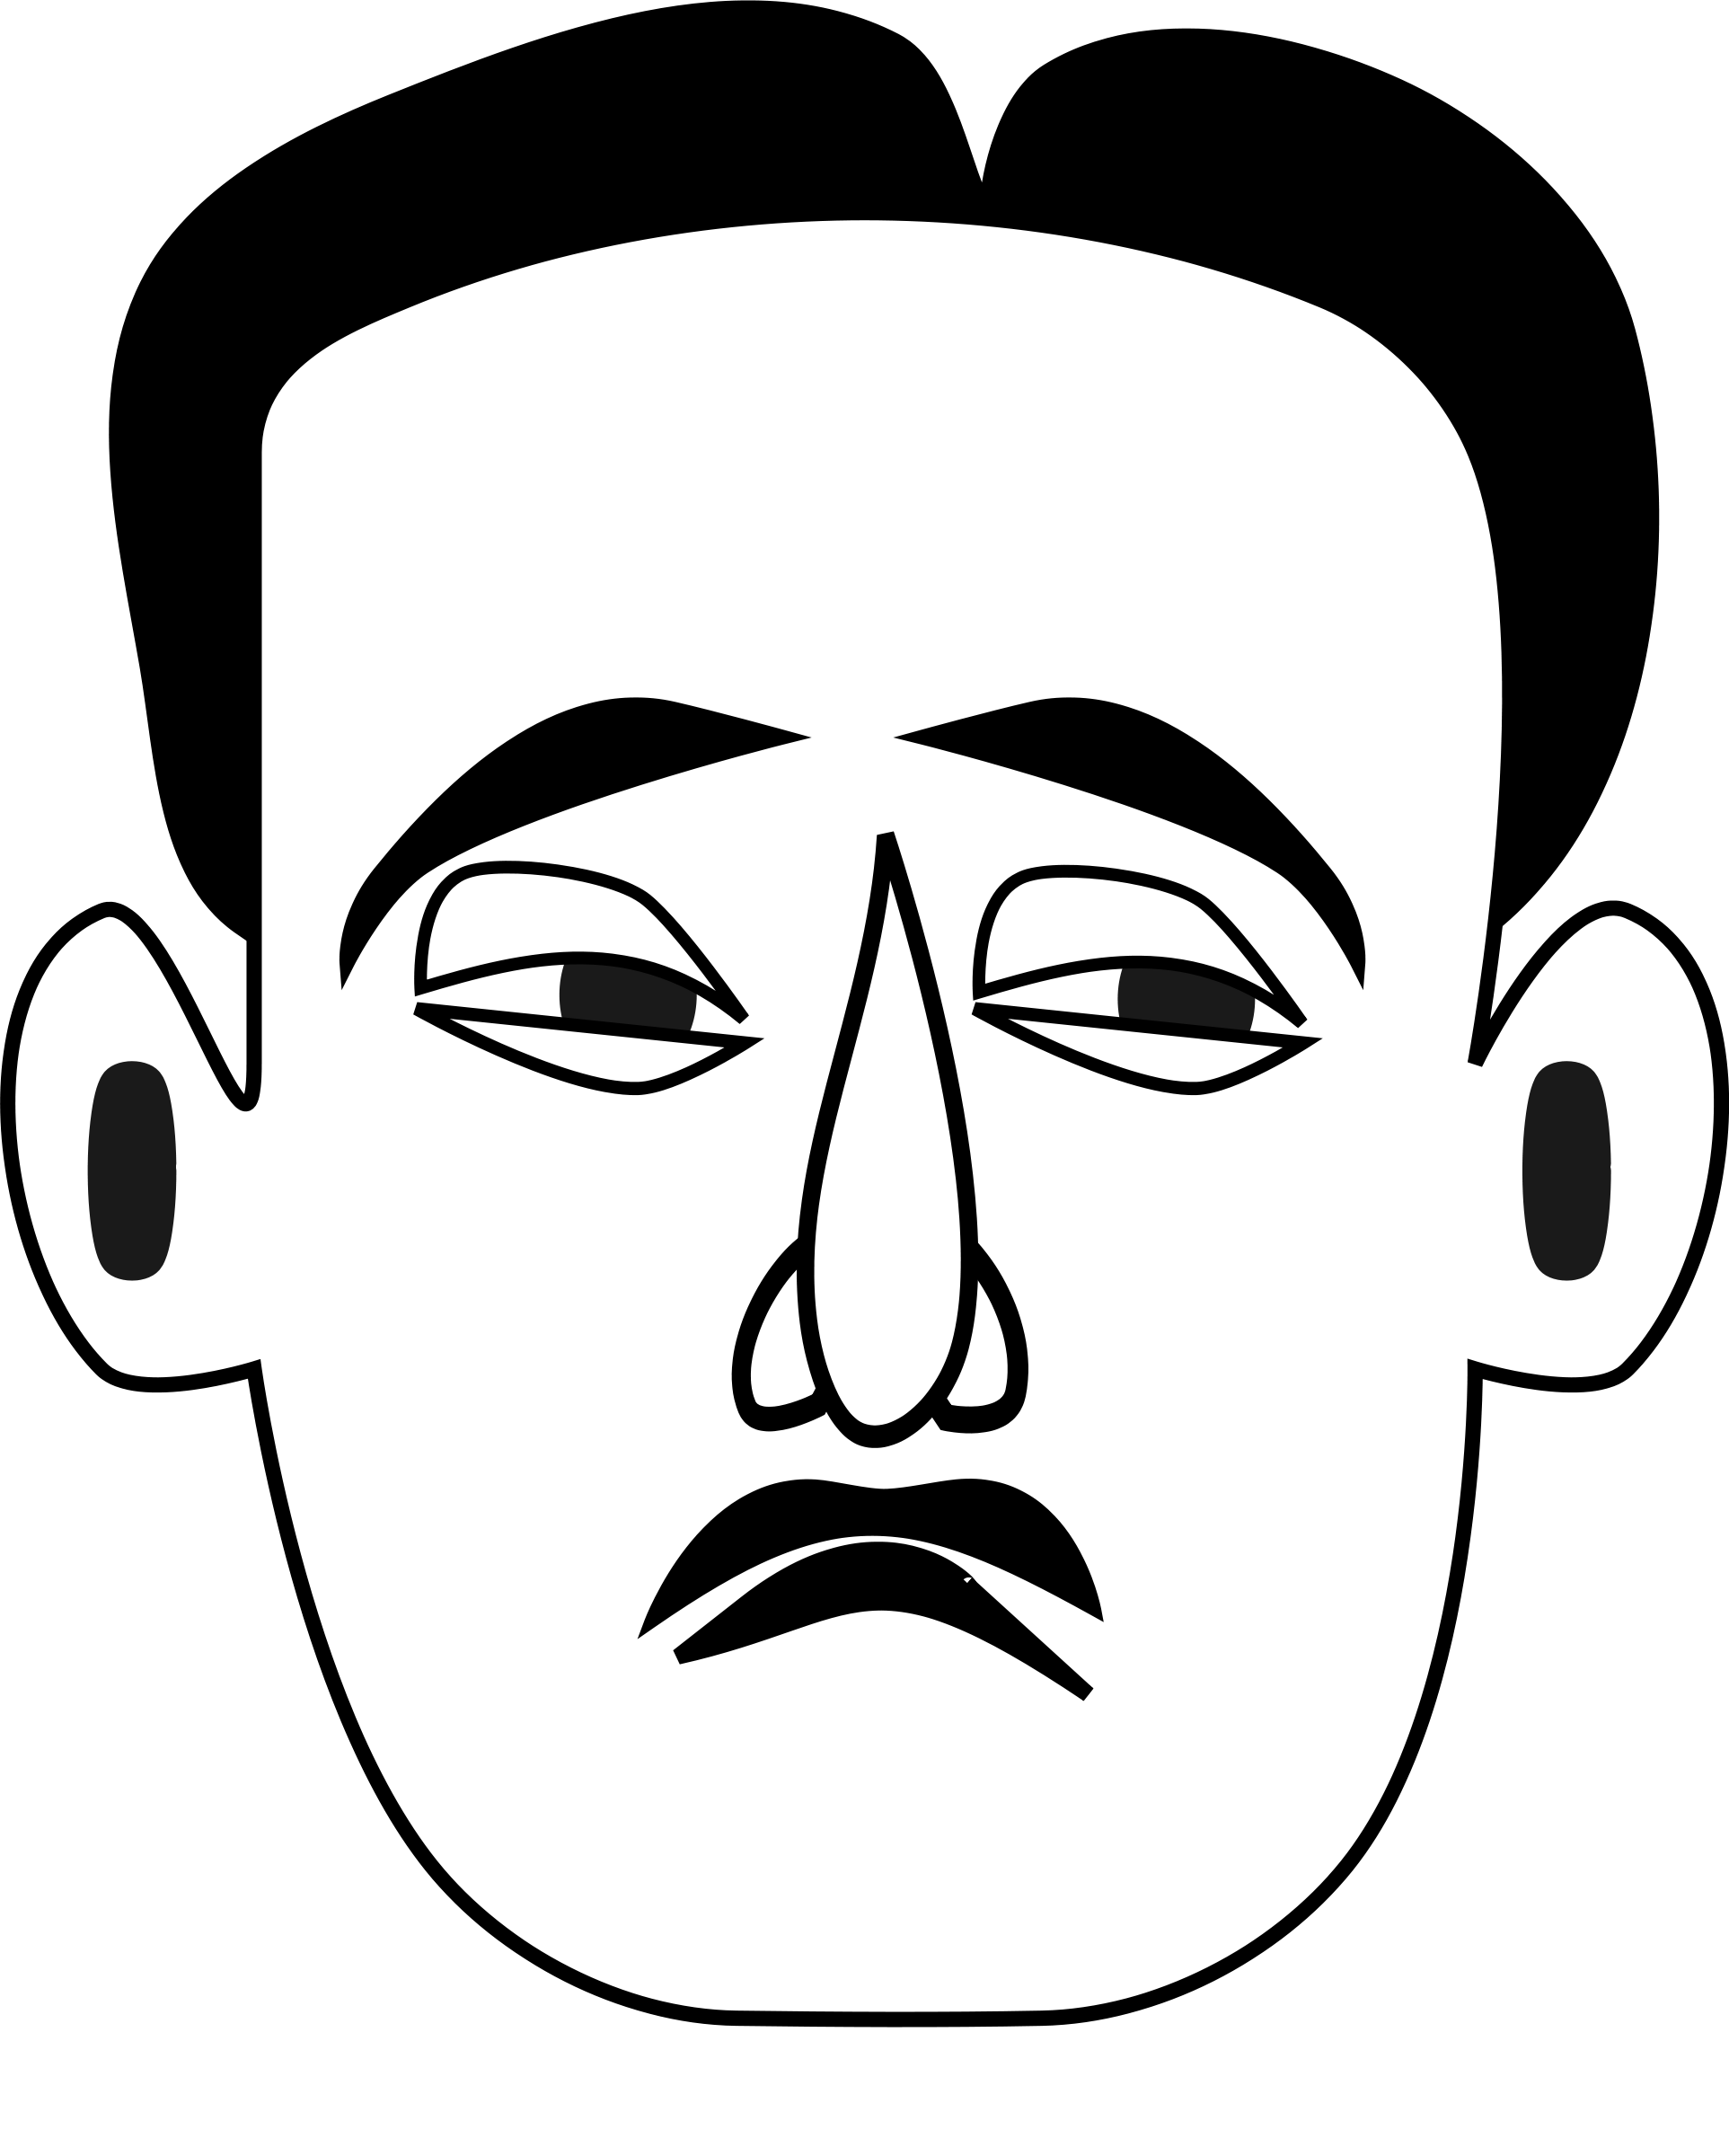 Computer clip art panda. Emotions clipart sad guy